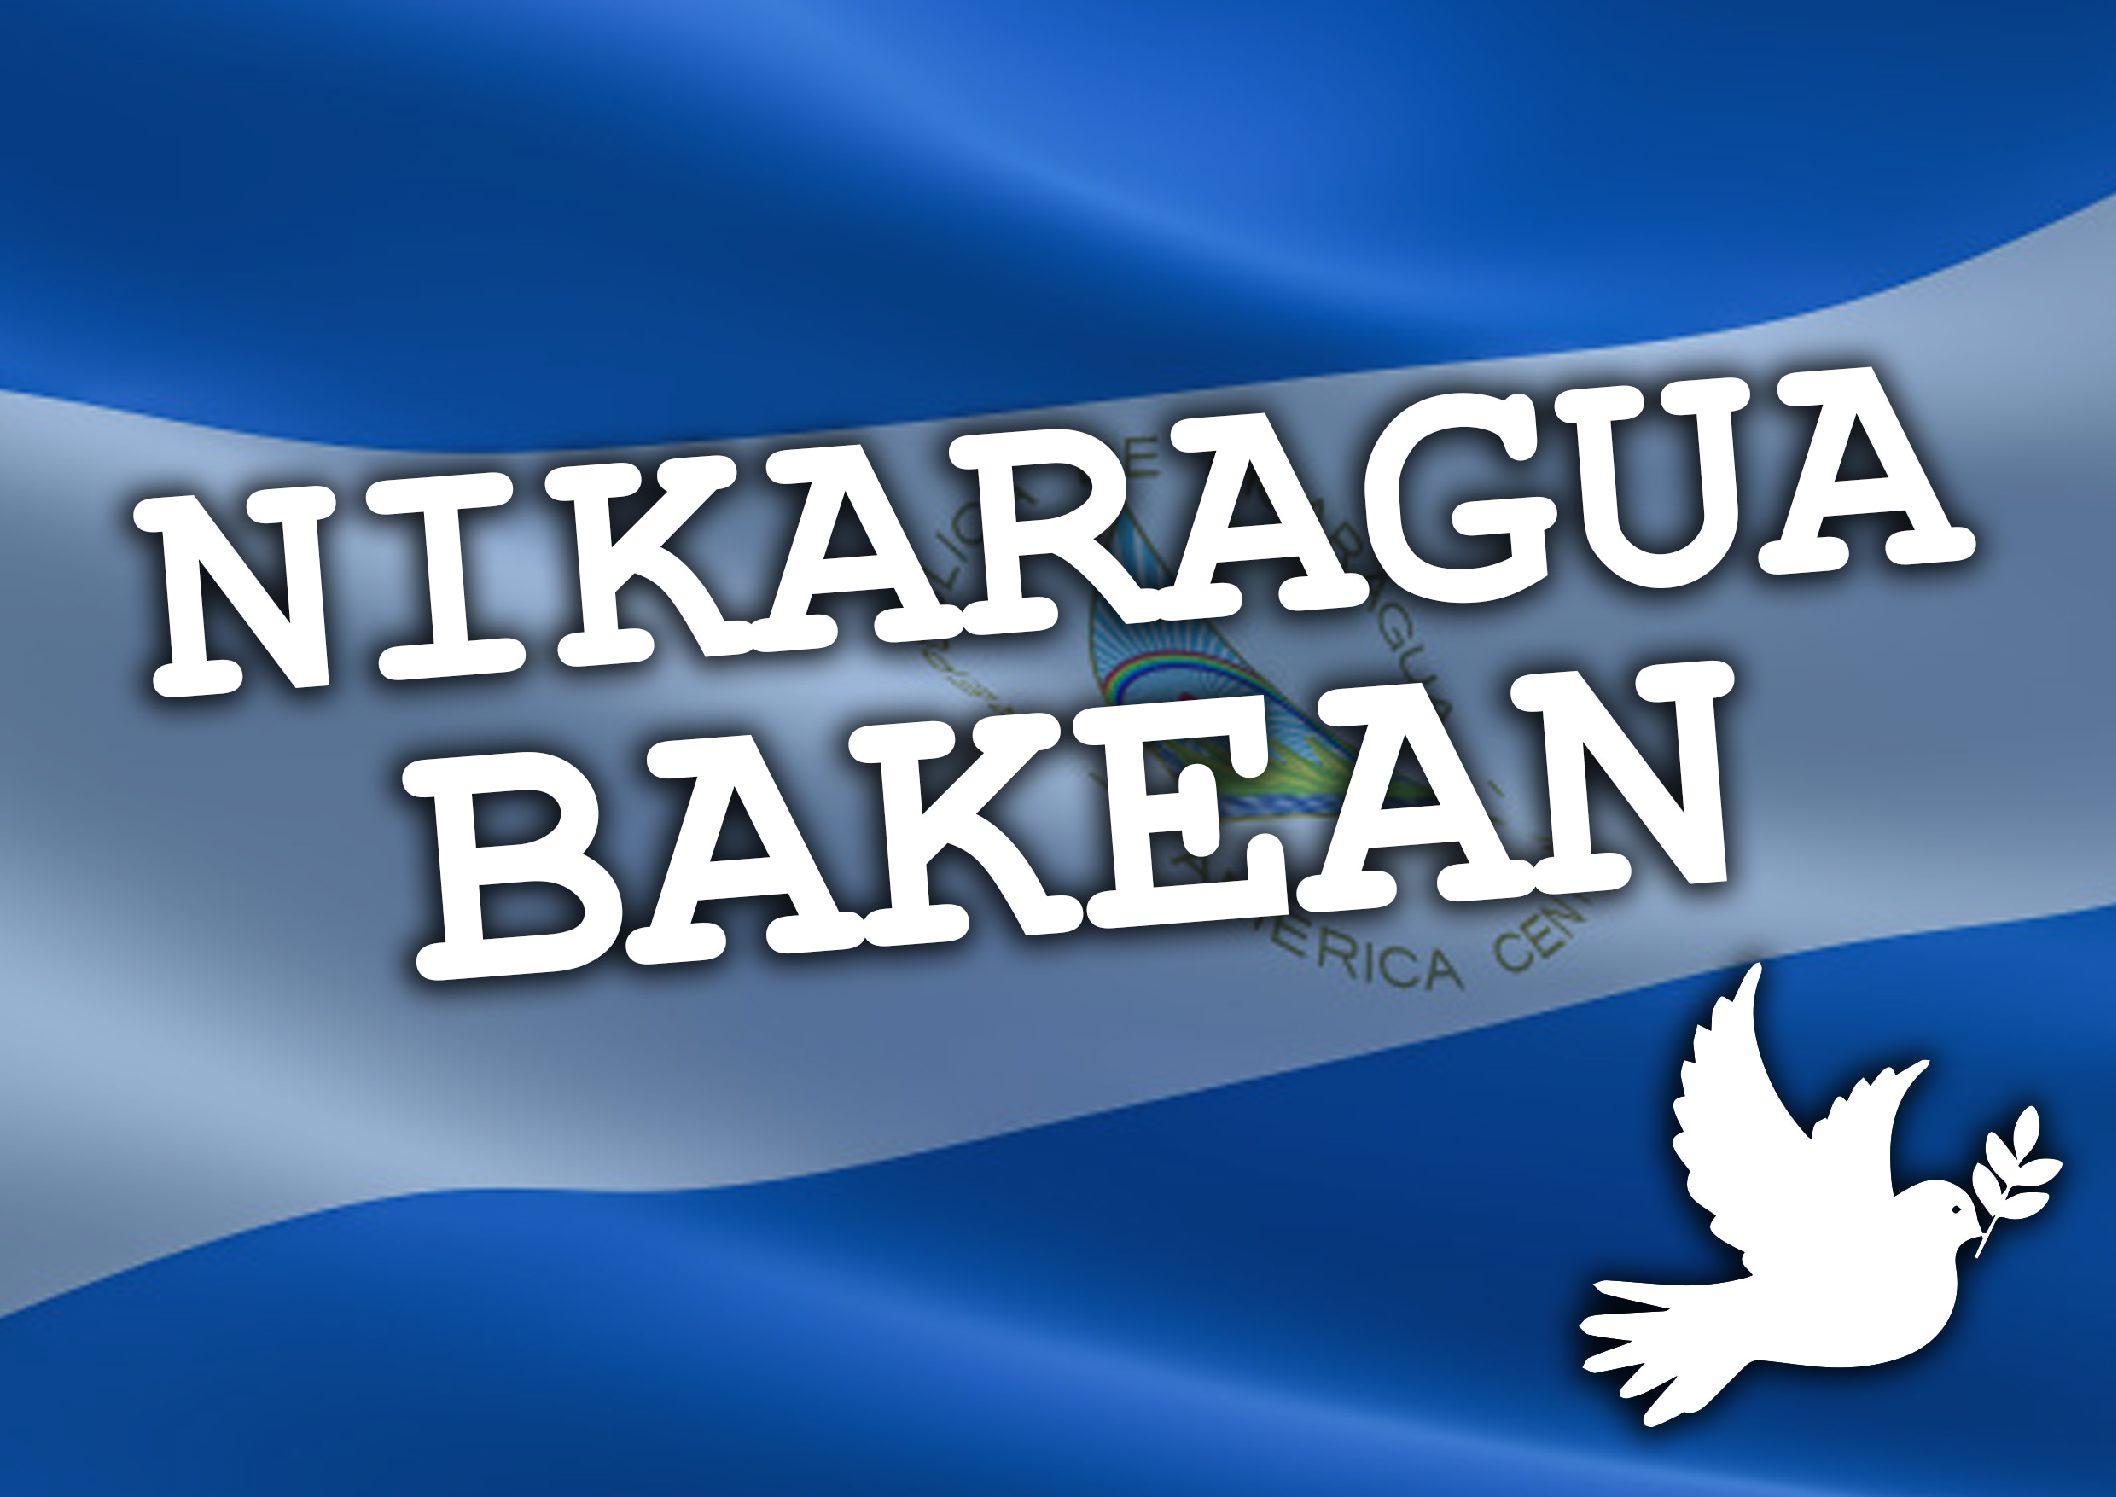 El PCE-EPK se suma a la campaña mundial en solidaridad con Nicaragua, solicitando la PAZ ante el proceso desestabilizador que sufre el País.